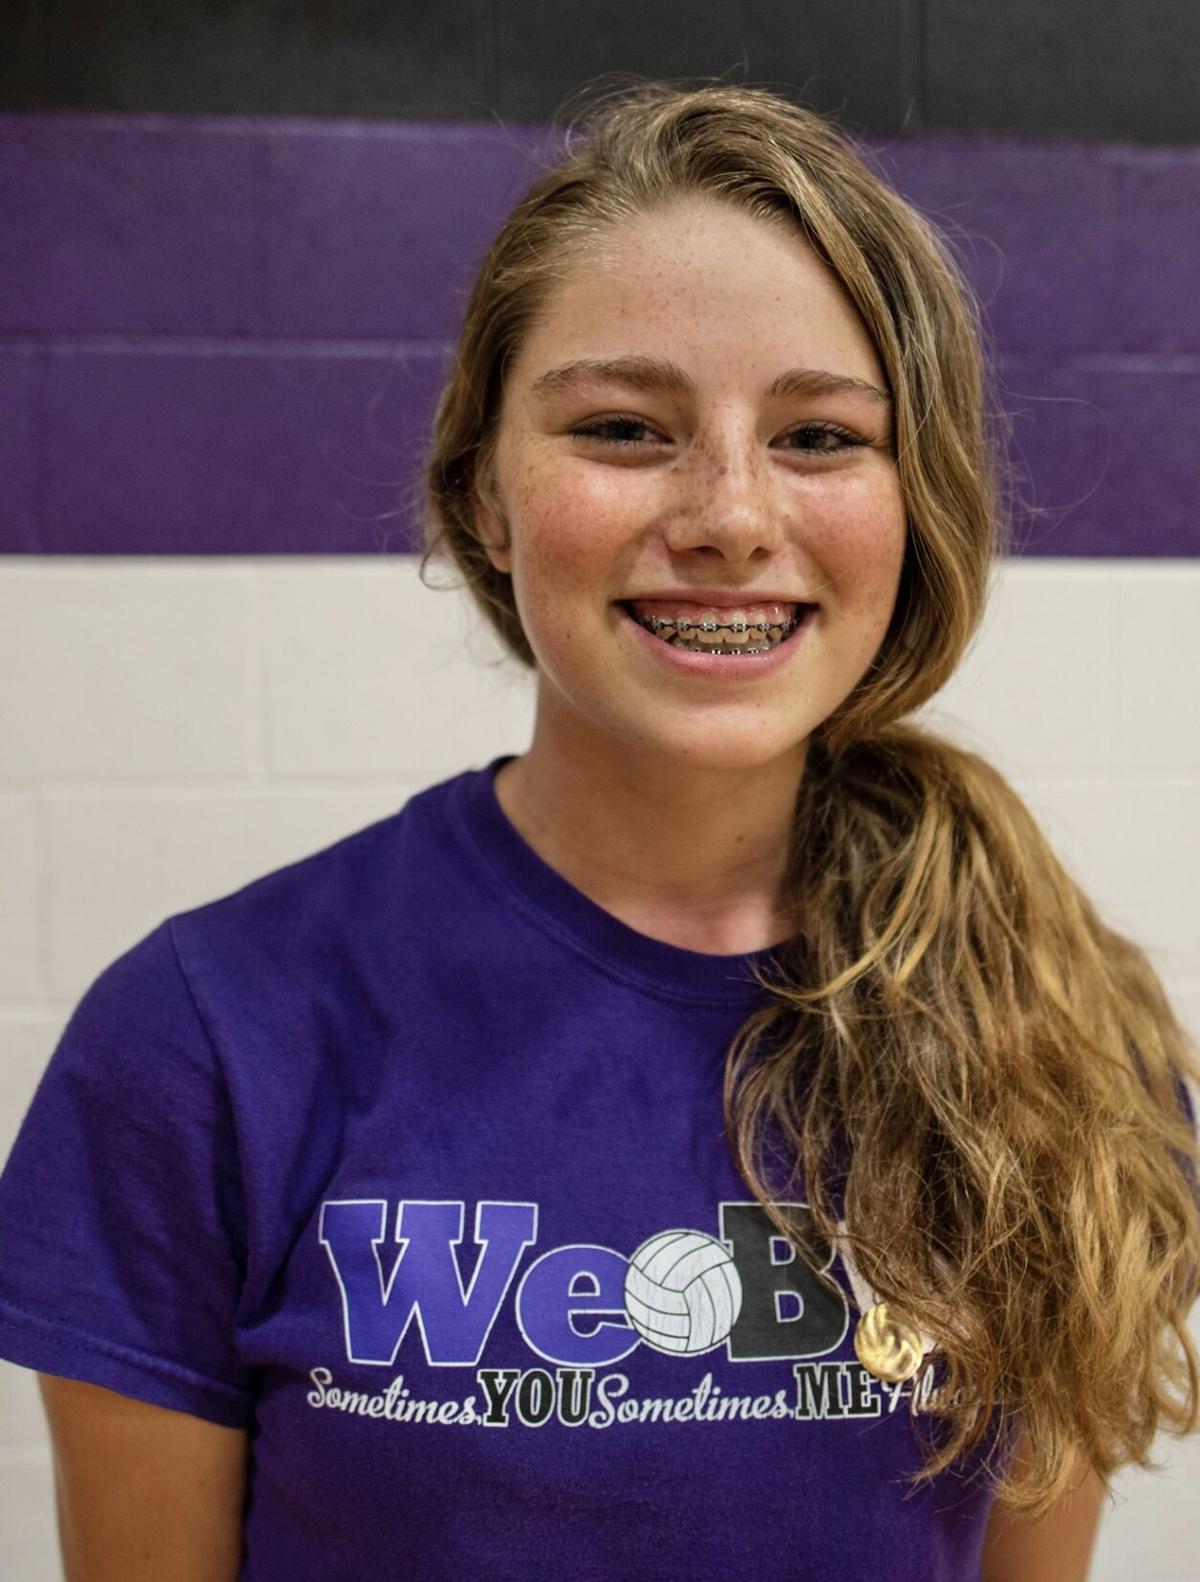 Mia McFadden, Warrenton volleyball